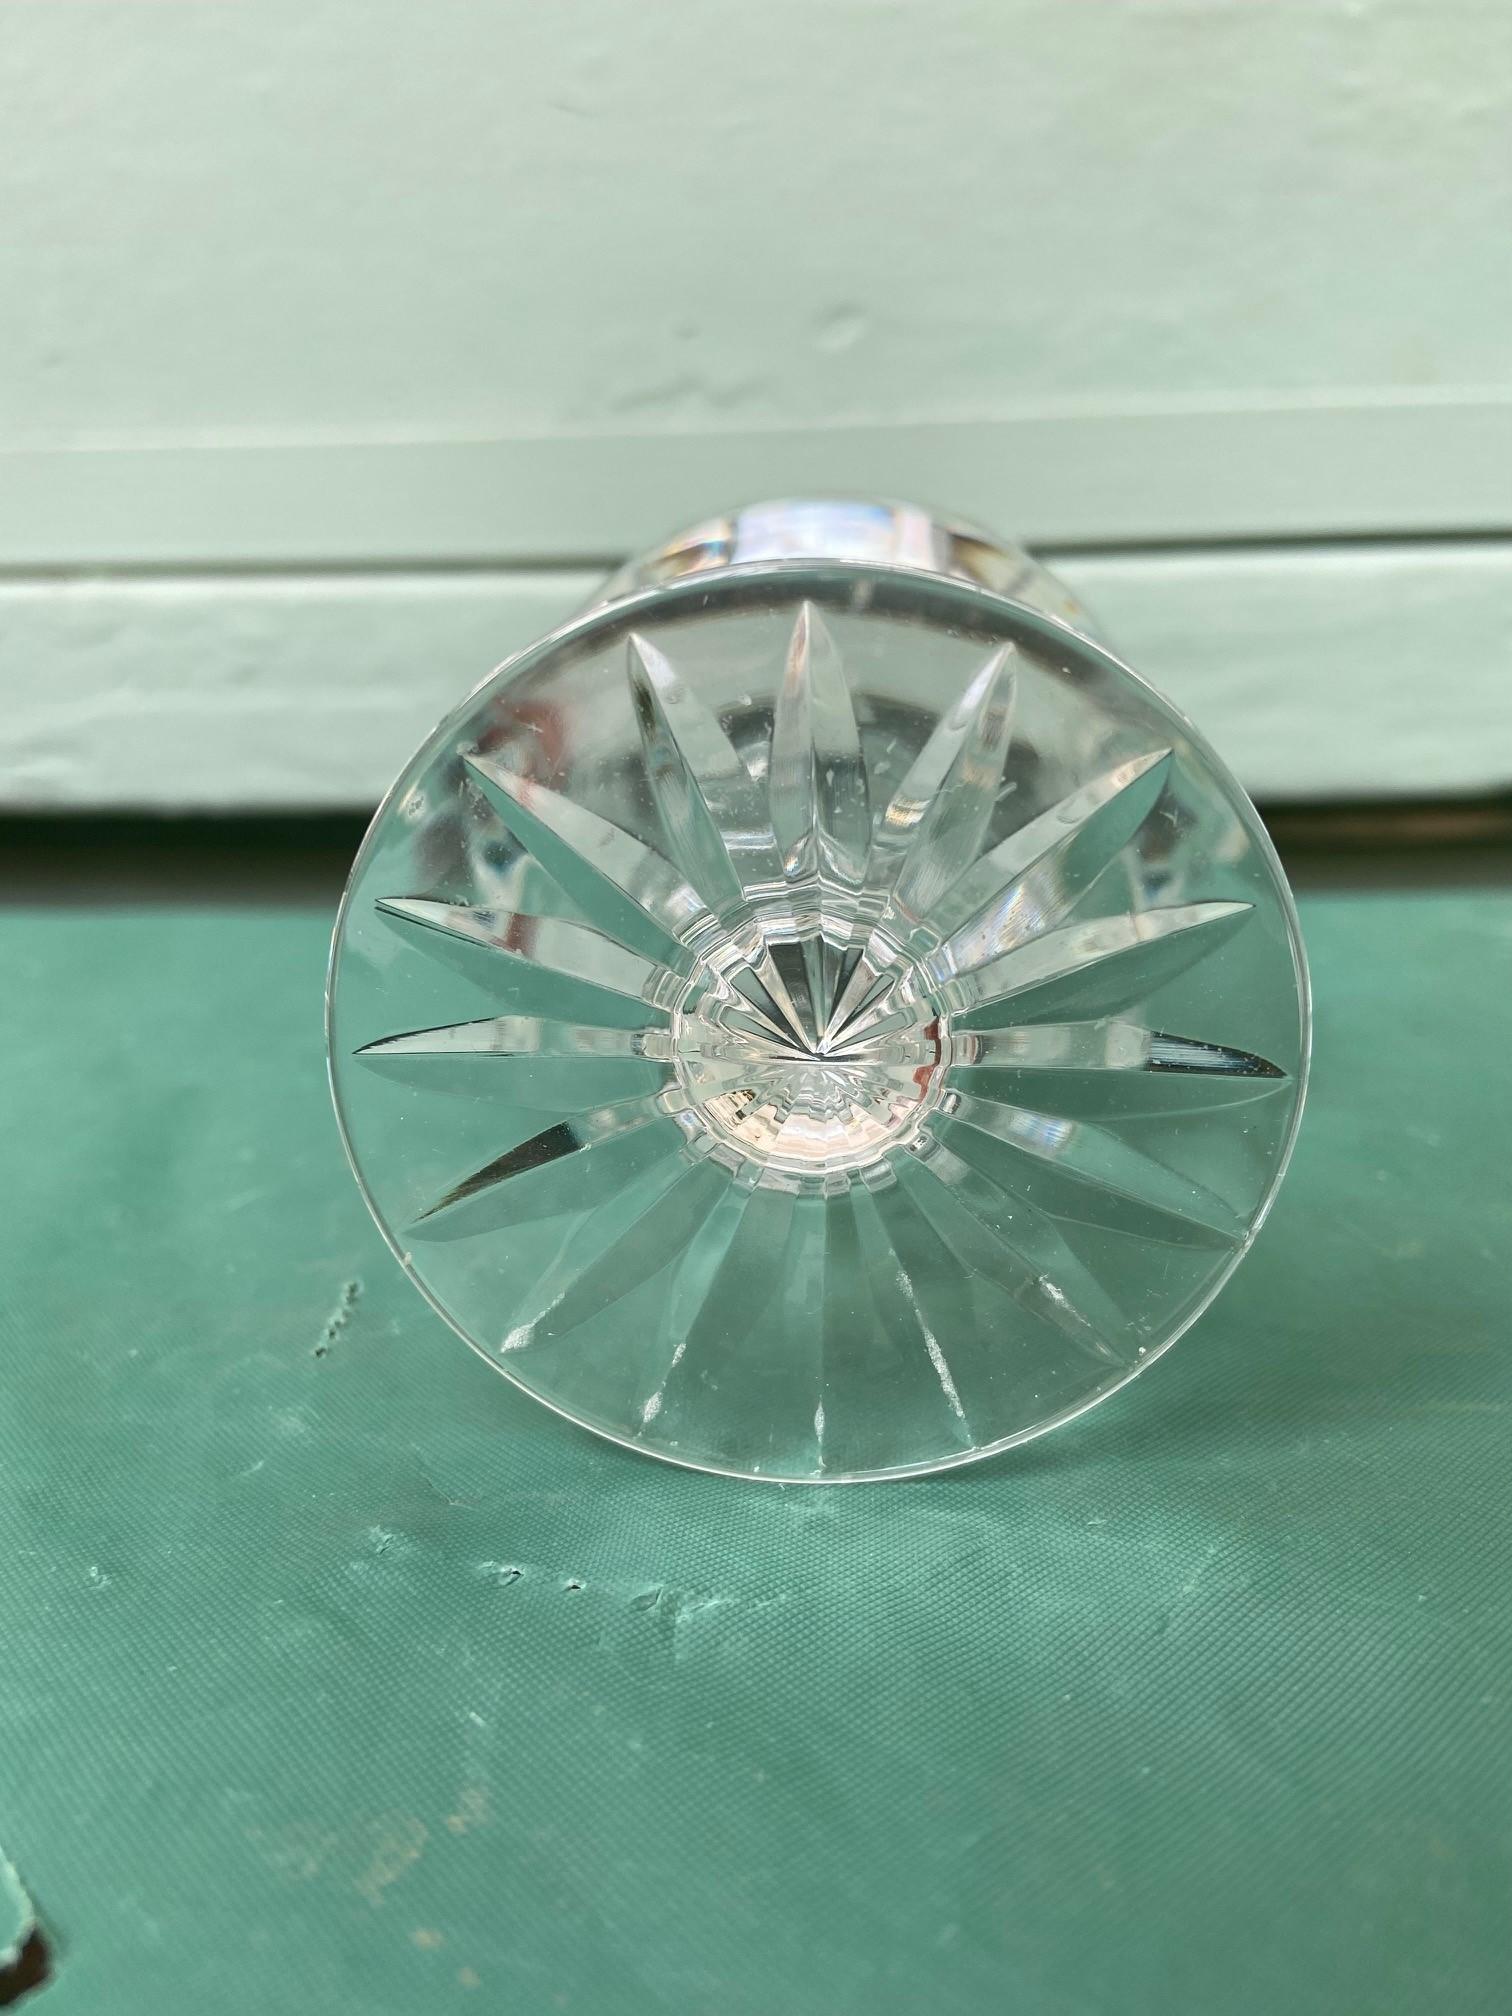 6 diamond cut Stuart crystal wine glasses - Image 9 of 11